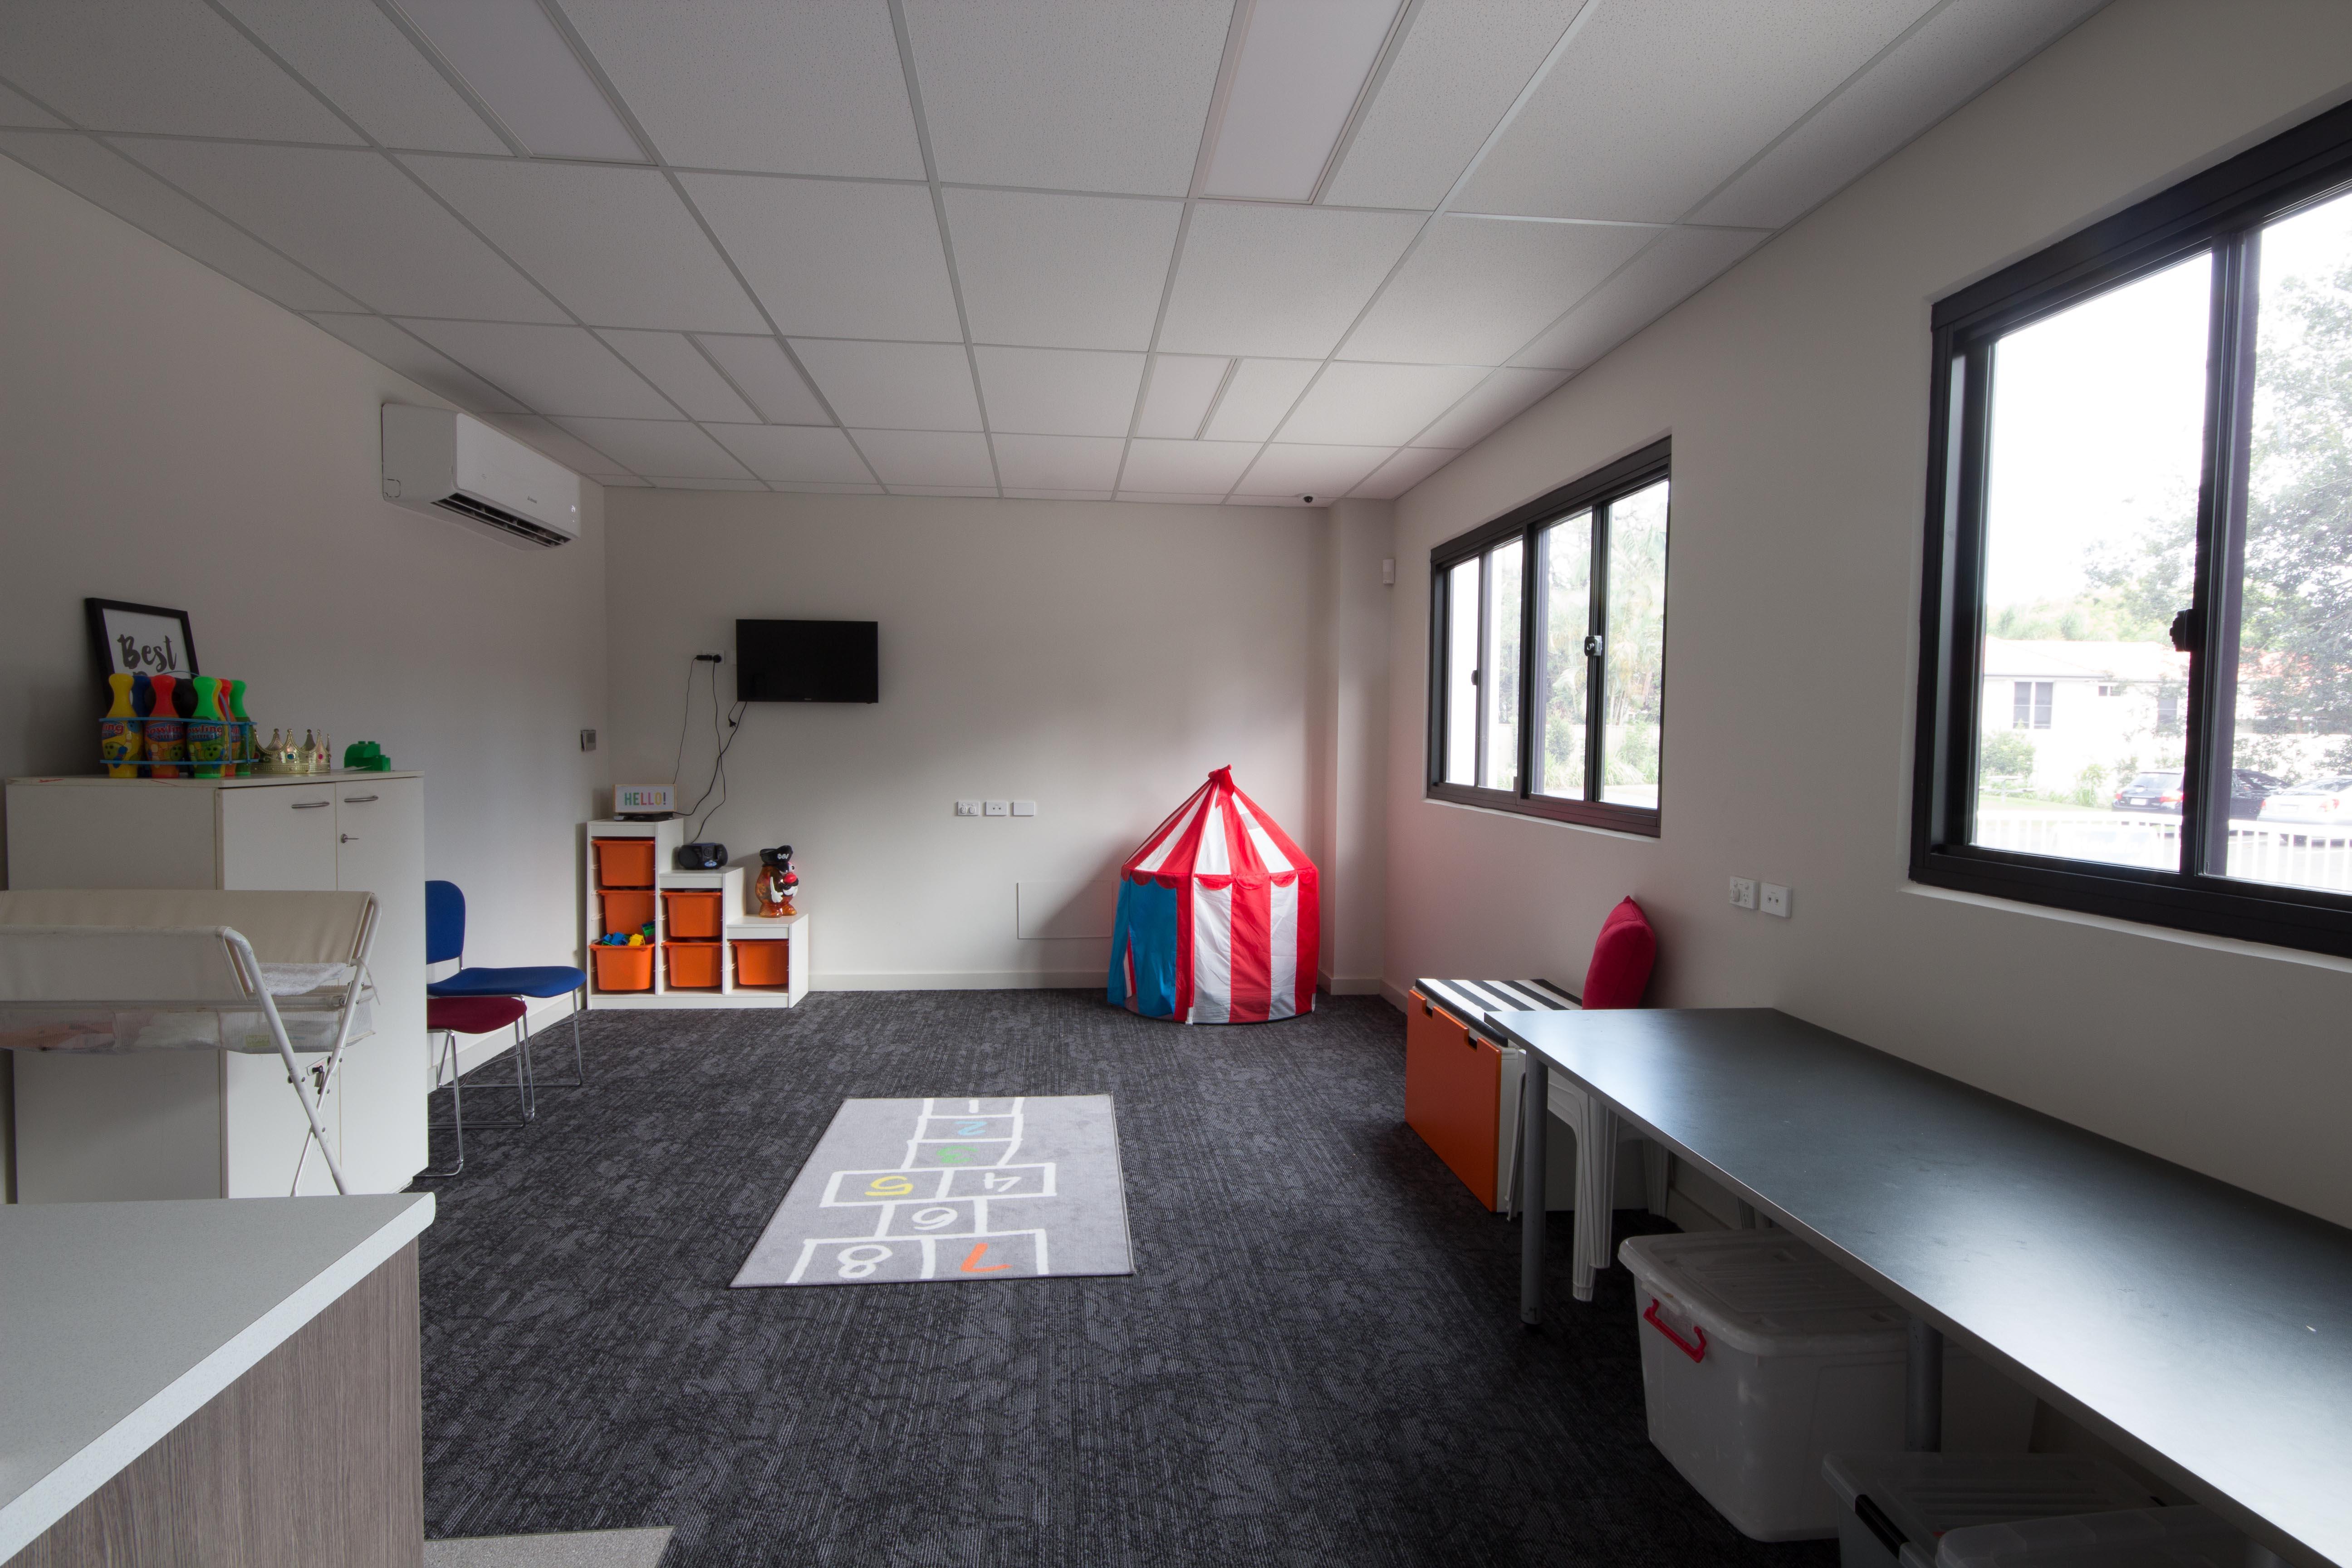 Queenscroft-Meeting Room